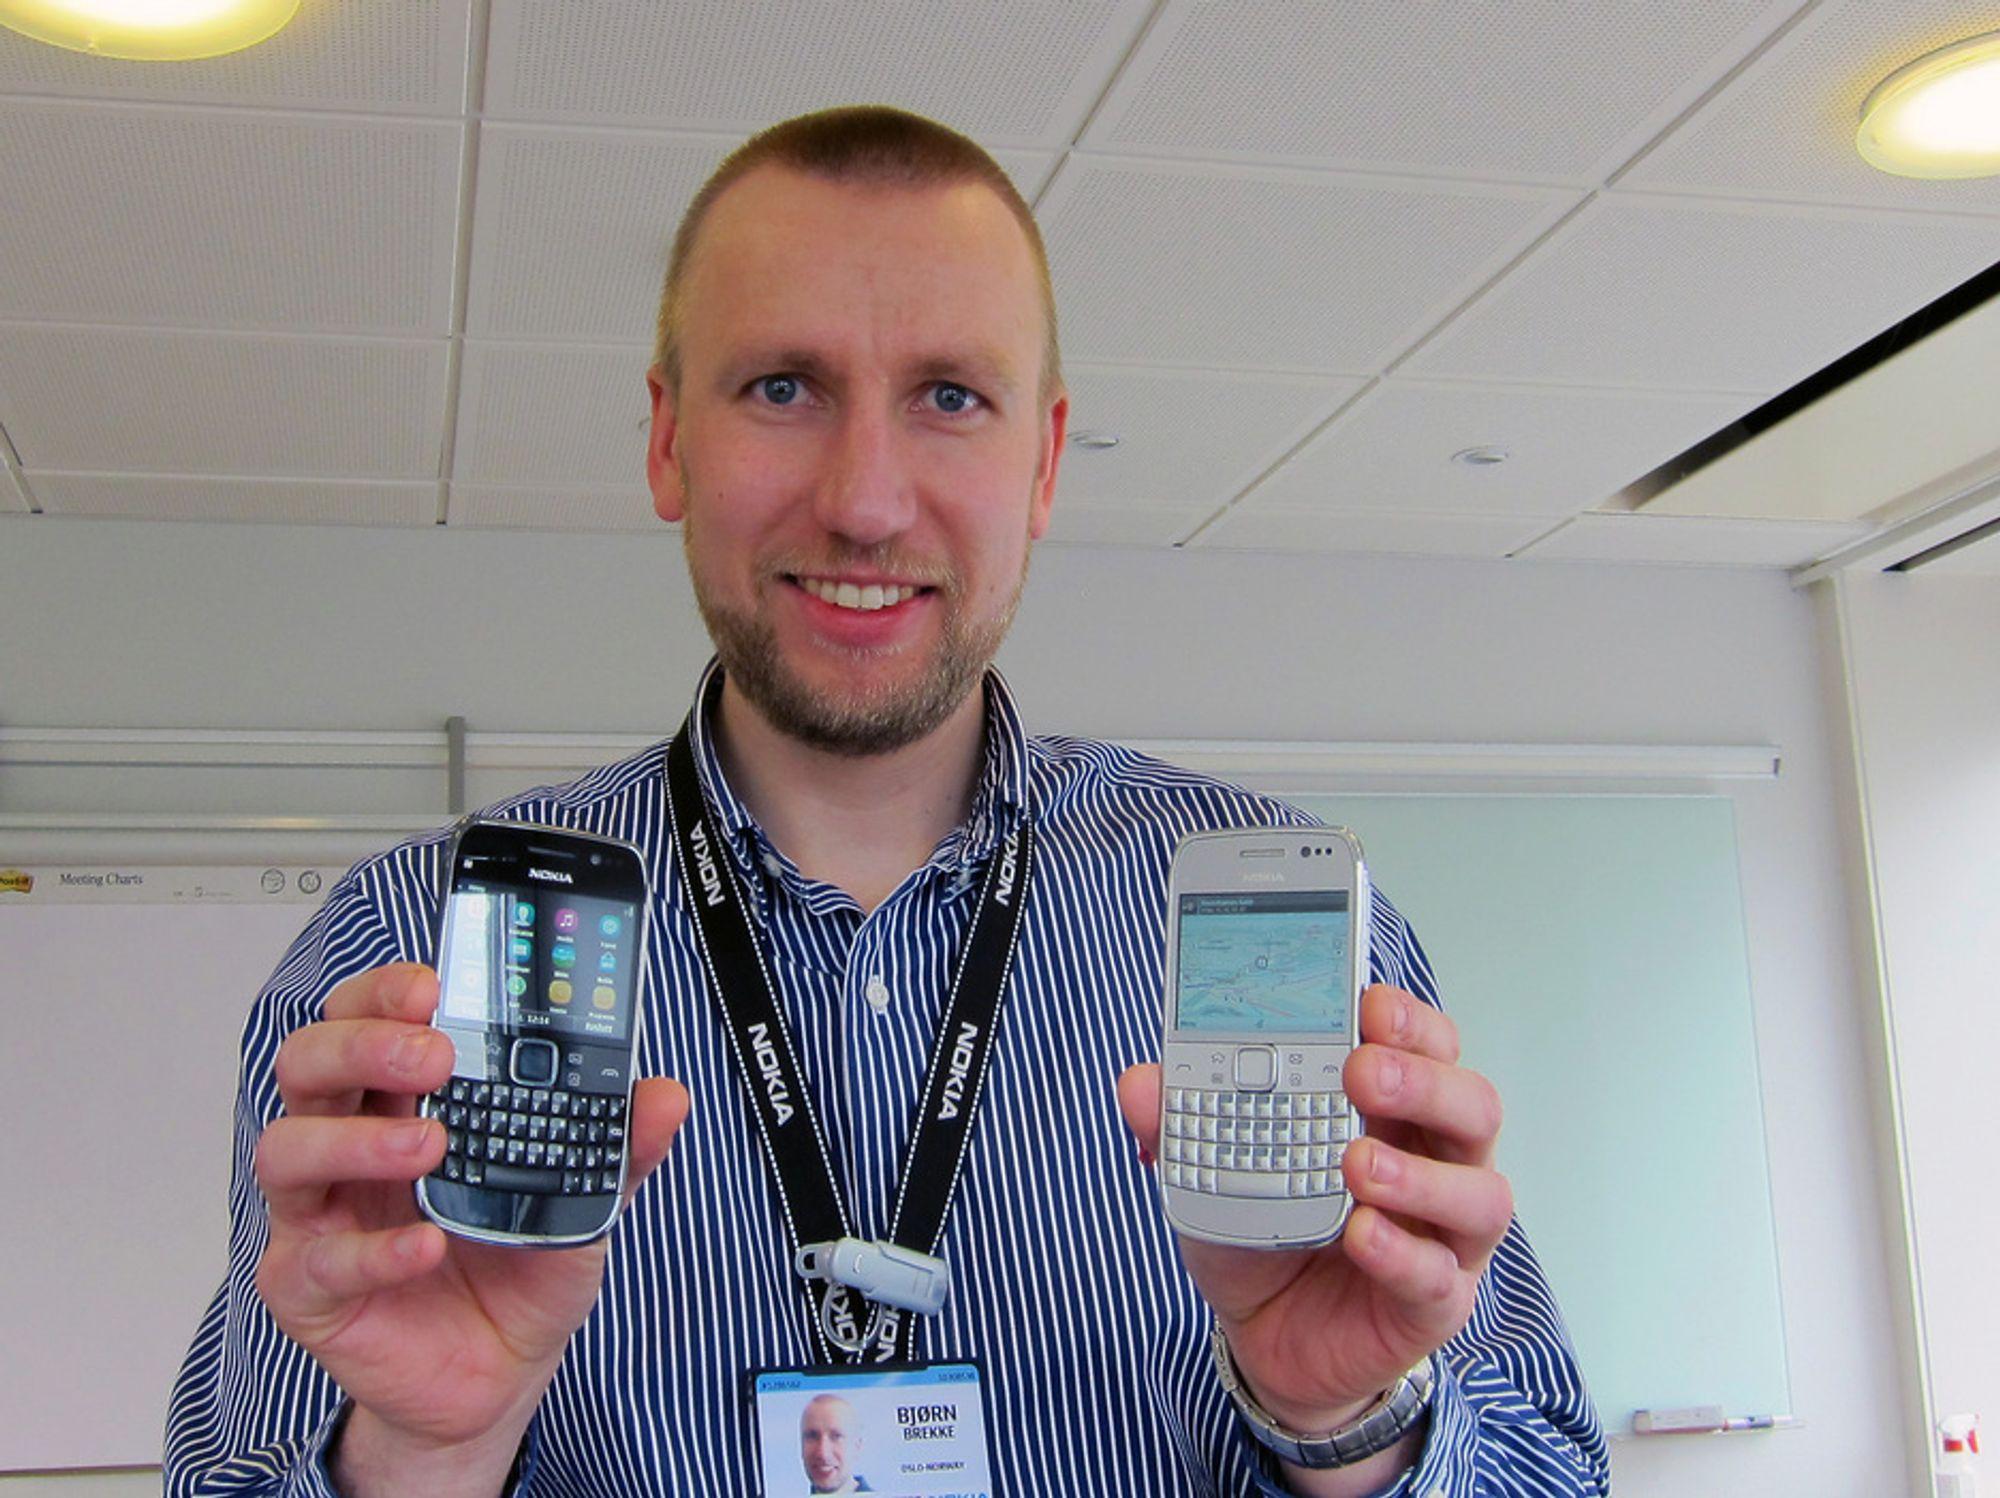 TILBAKE I RACET:Produktsjef i Nokia, Bjørn Brekke, viser frem en svært oppgradert utgave av Nokias storselger, E6